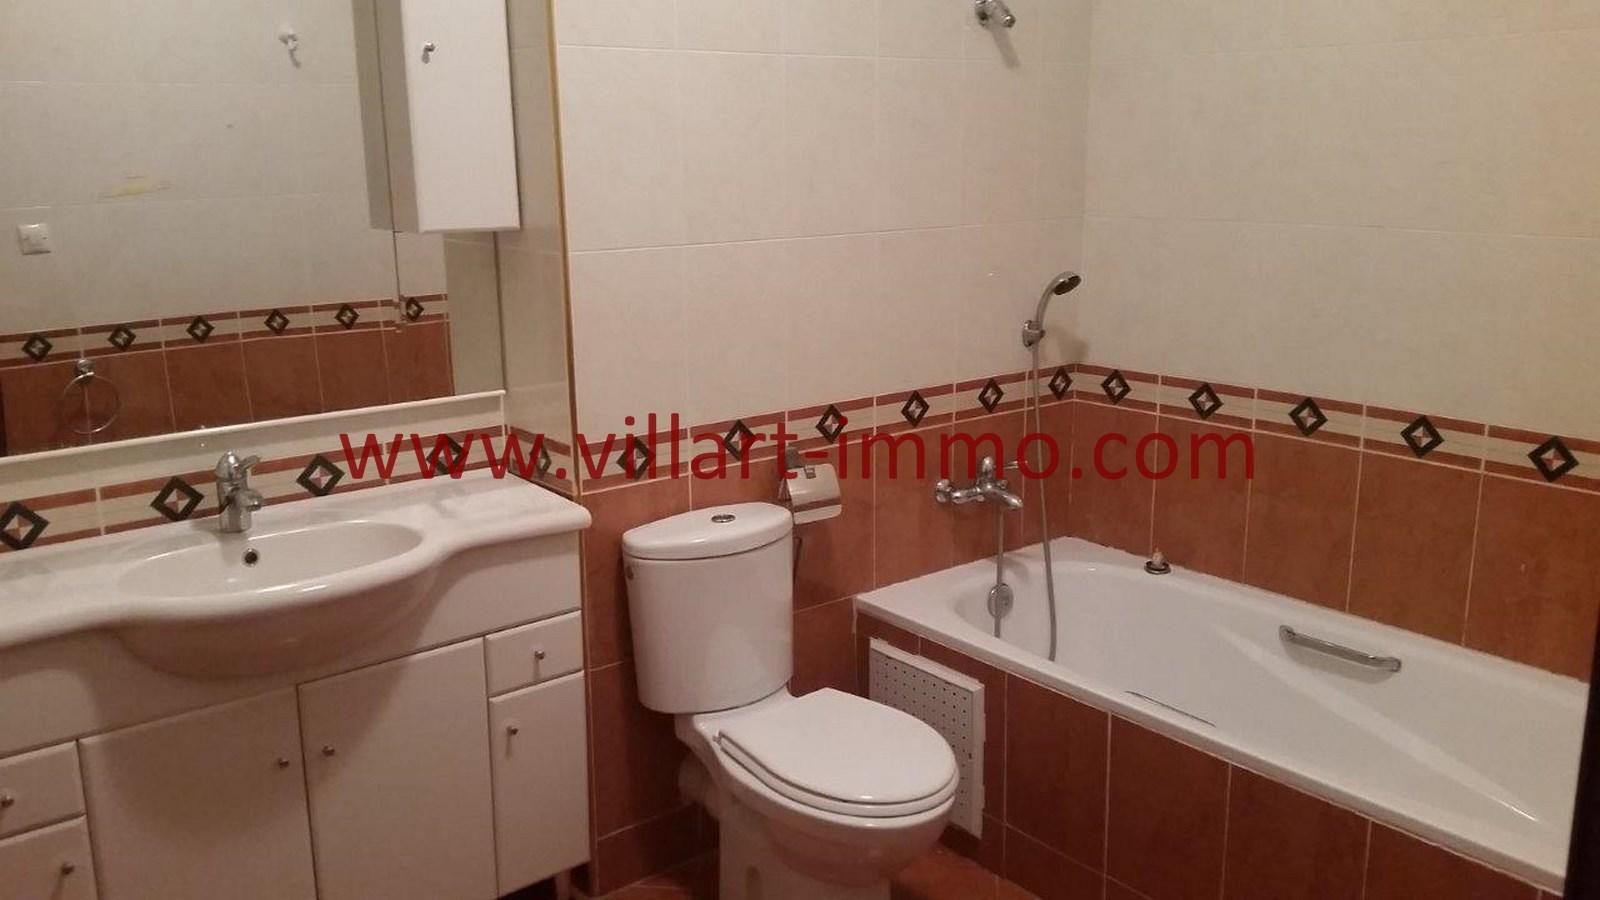 12-a-louer-villa-non-meublee-tanger-salle-de-bain-3-lv901-villart-immo